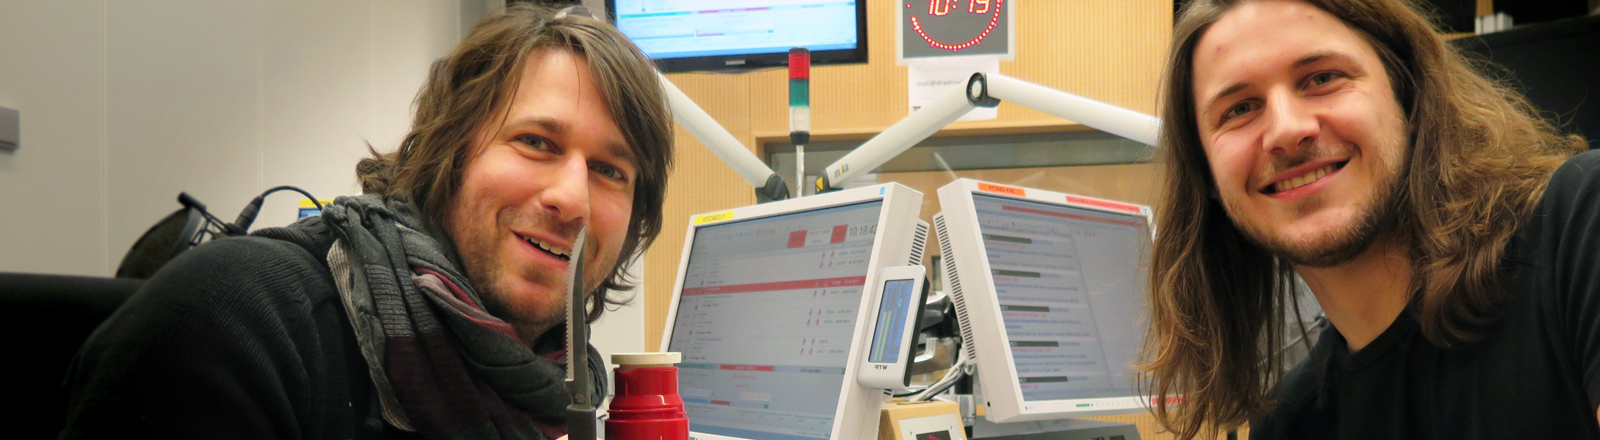 Der Paläontologe Kai Jäger als Frühstücksgast bei Sebastian Sonntag